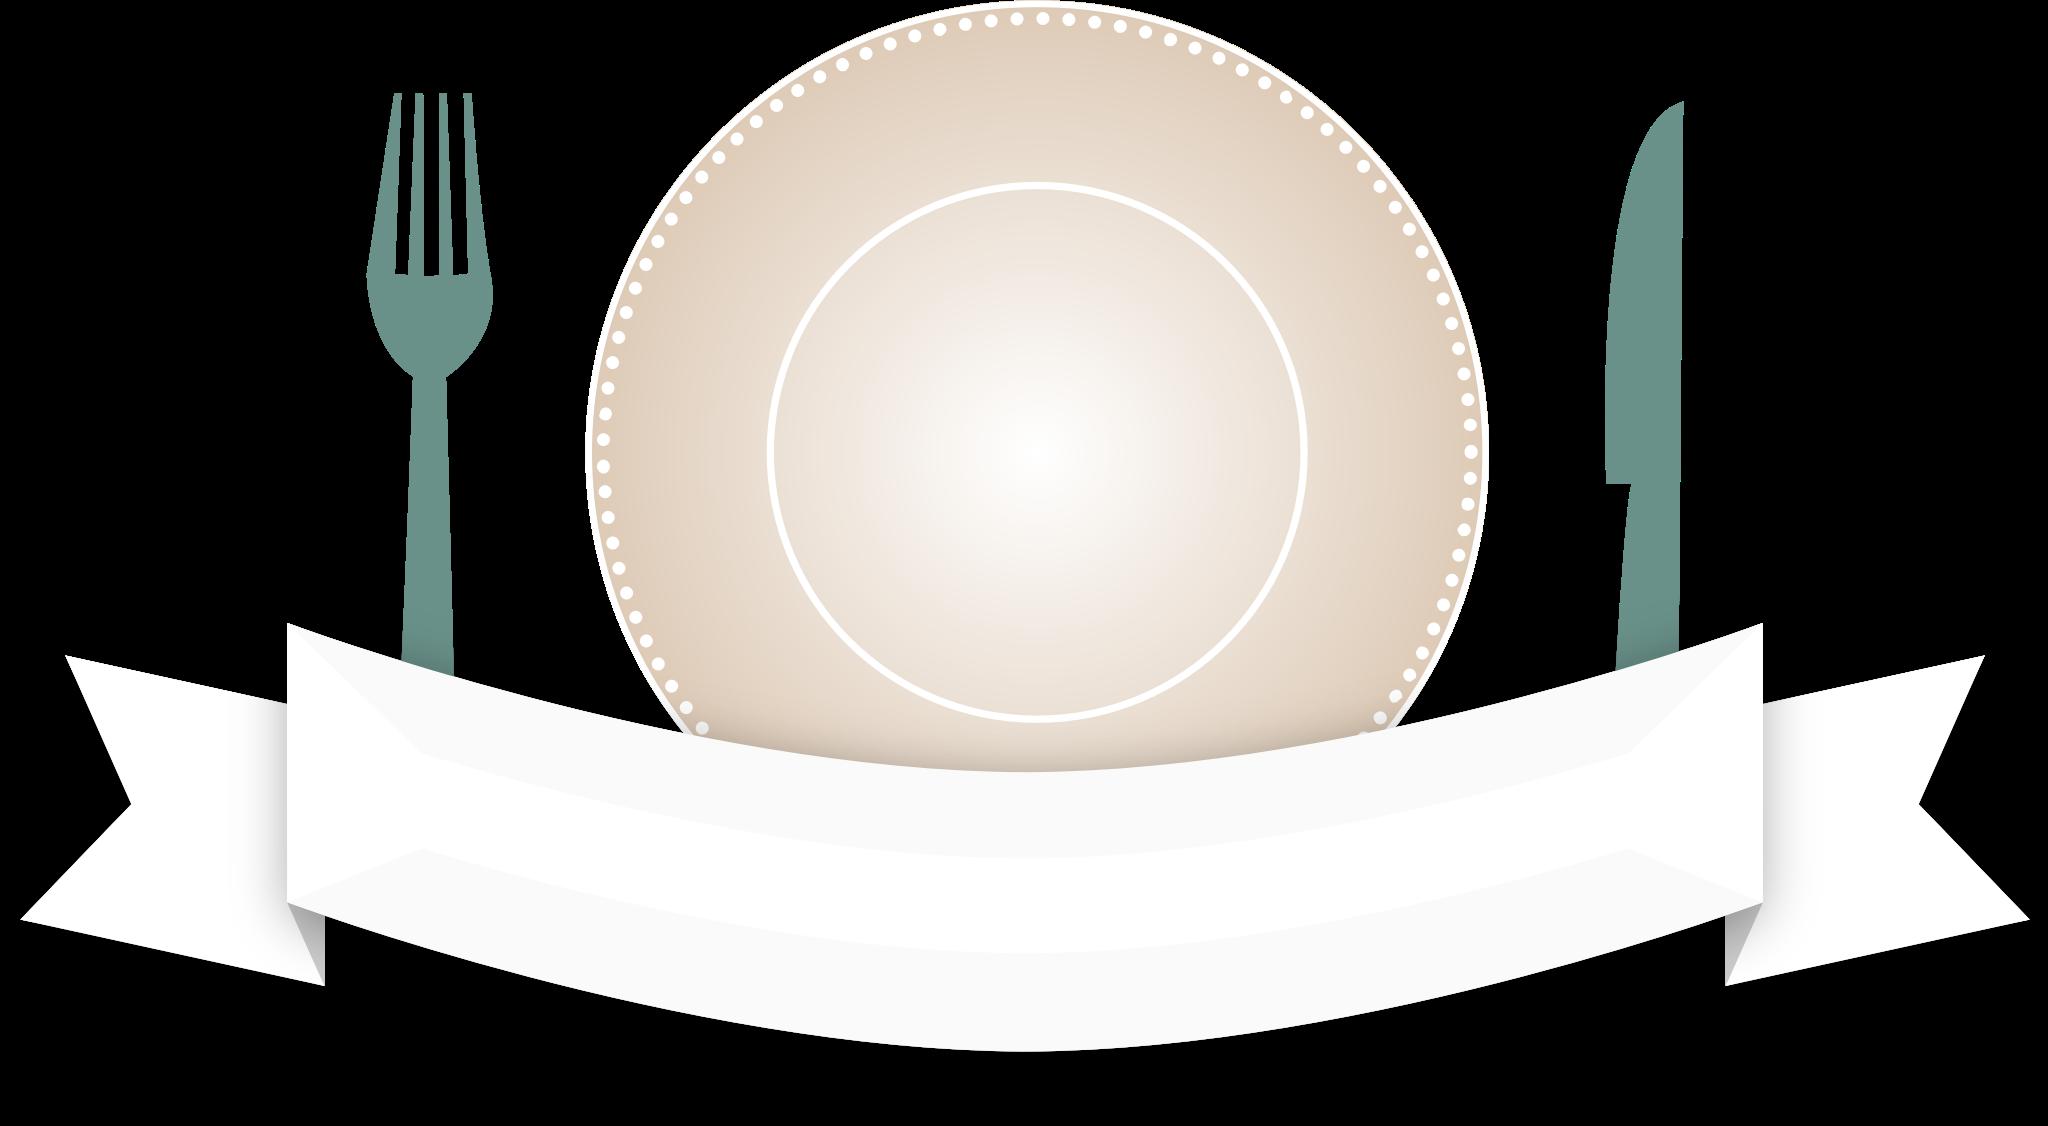 Kitchen Kitchen Clipart utensil utensil